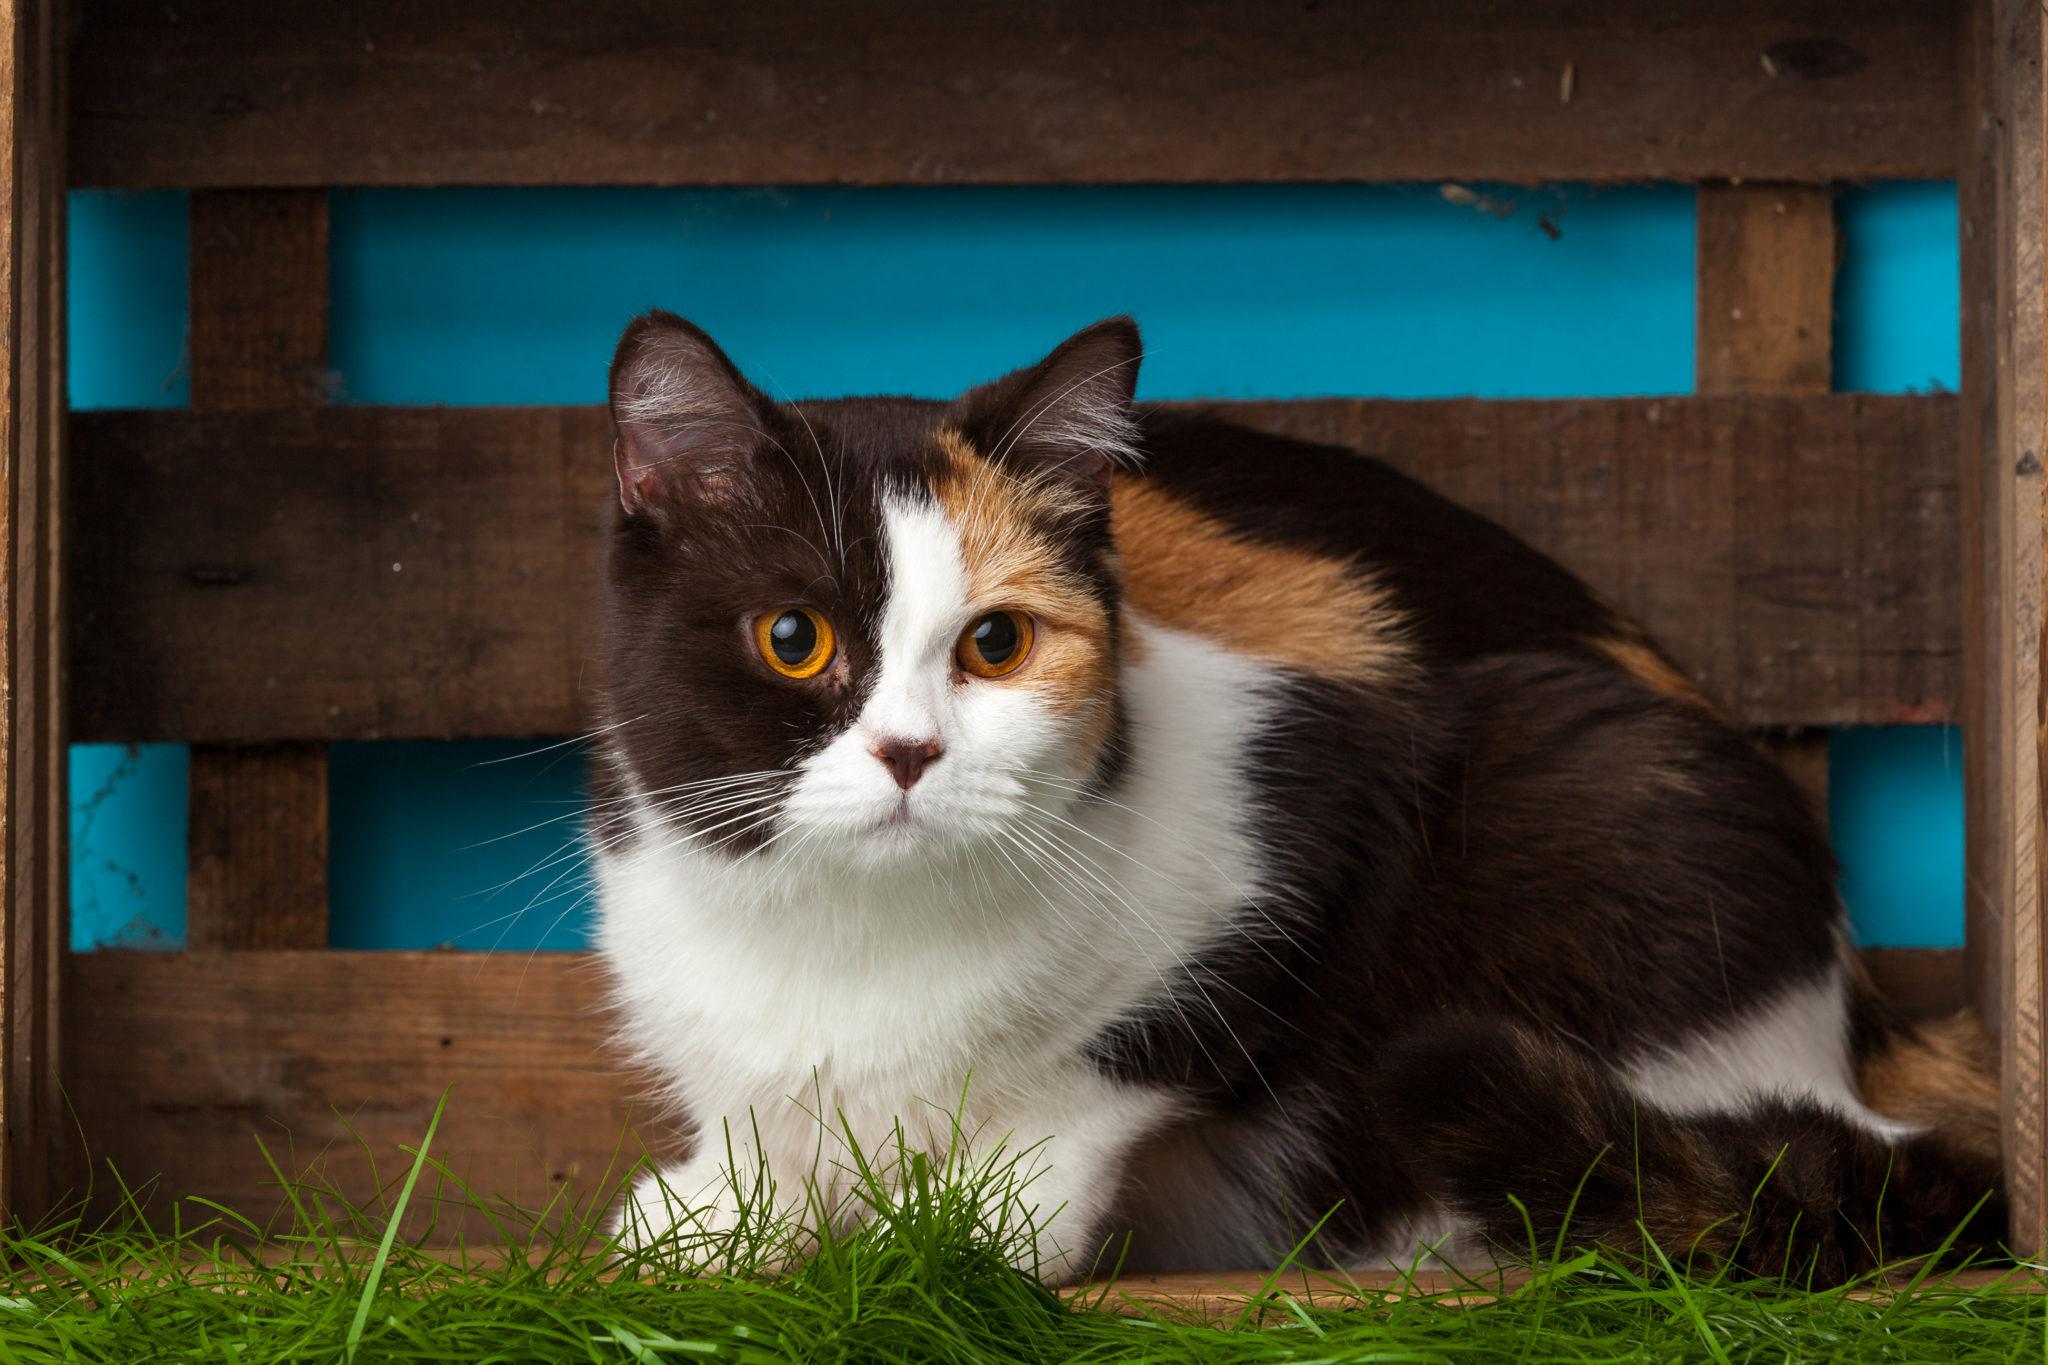 Ob diese Samtpfote wohl einen schönen Katzennamen hat?